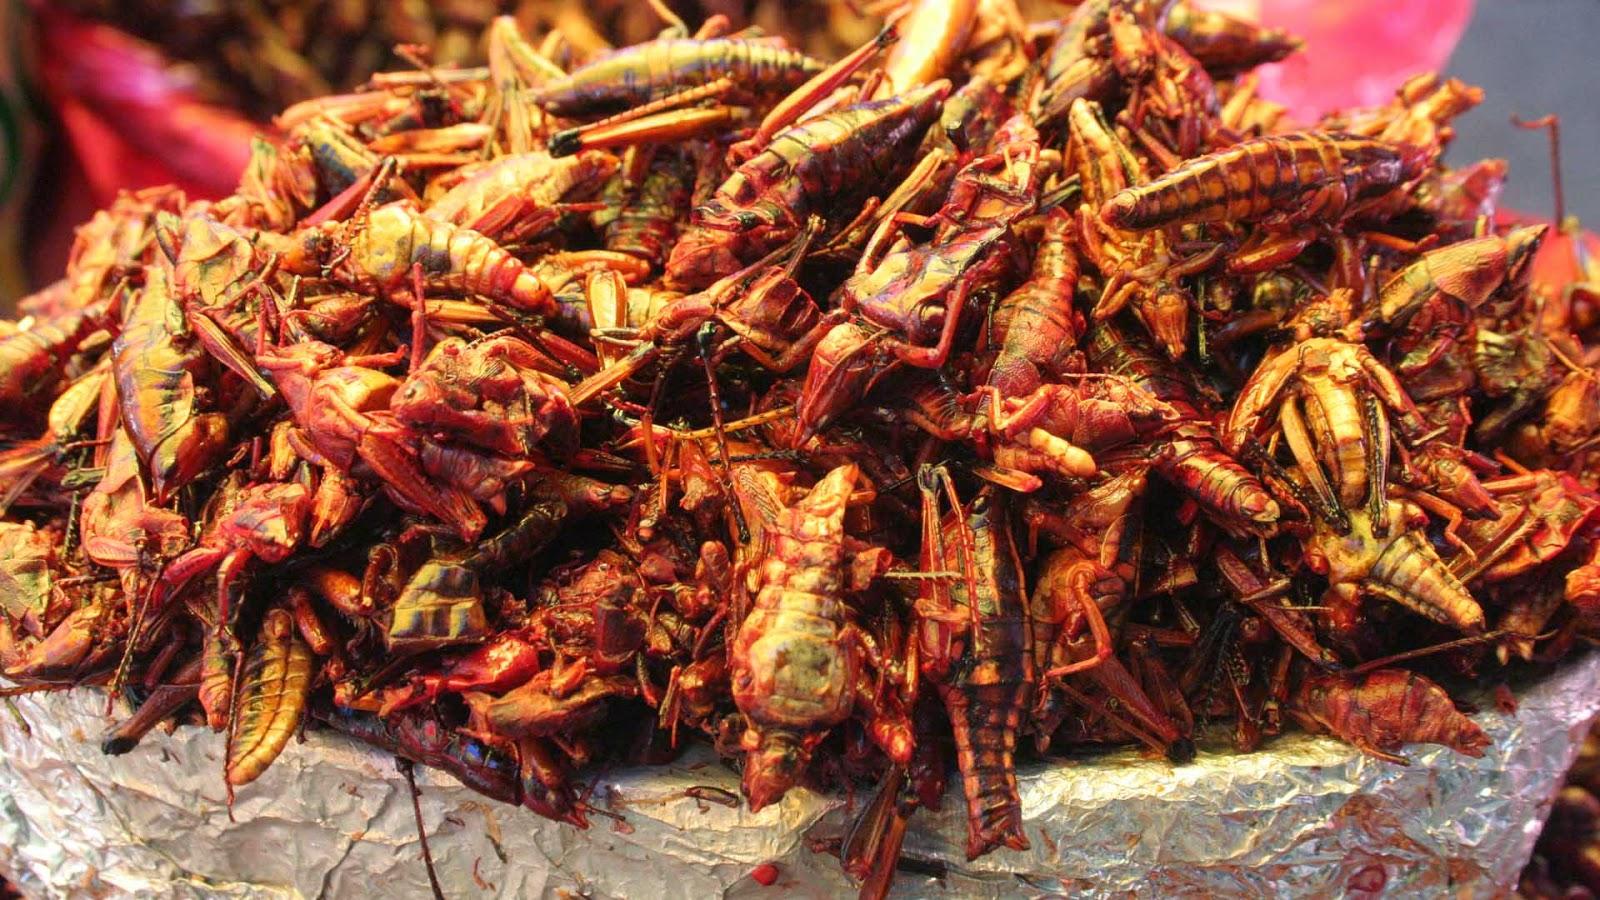 20 Delicias Gastronómicas Originarias De Oaxaca (parte 2